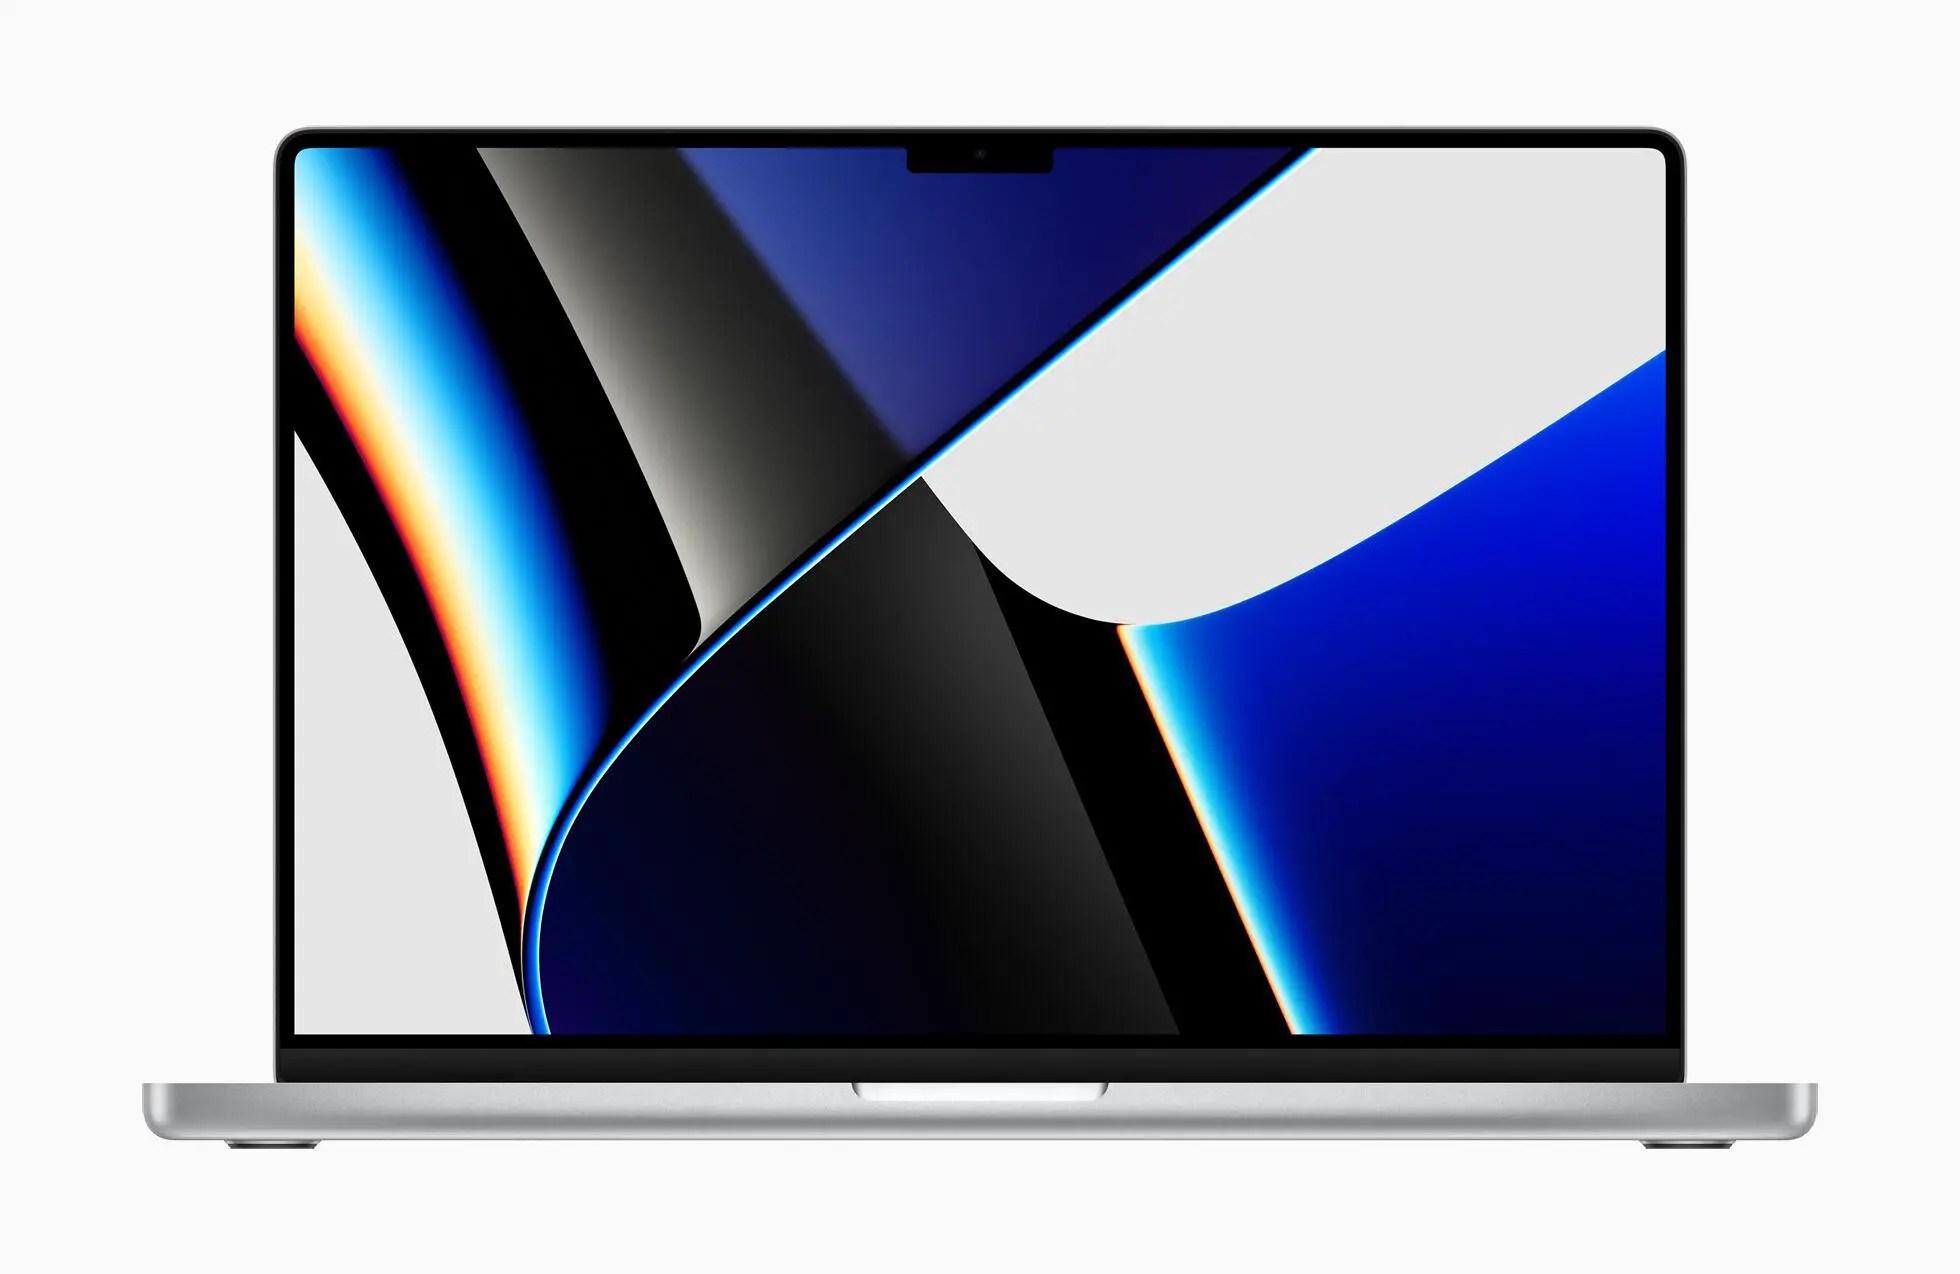 MacBook Pro 16-inch 2021